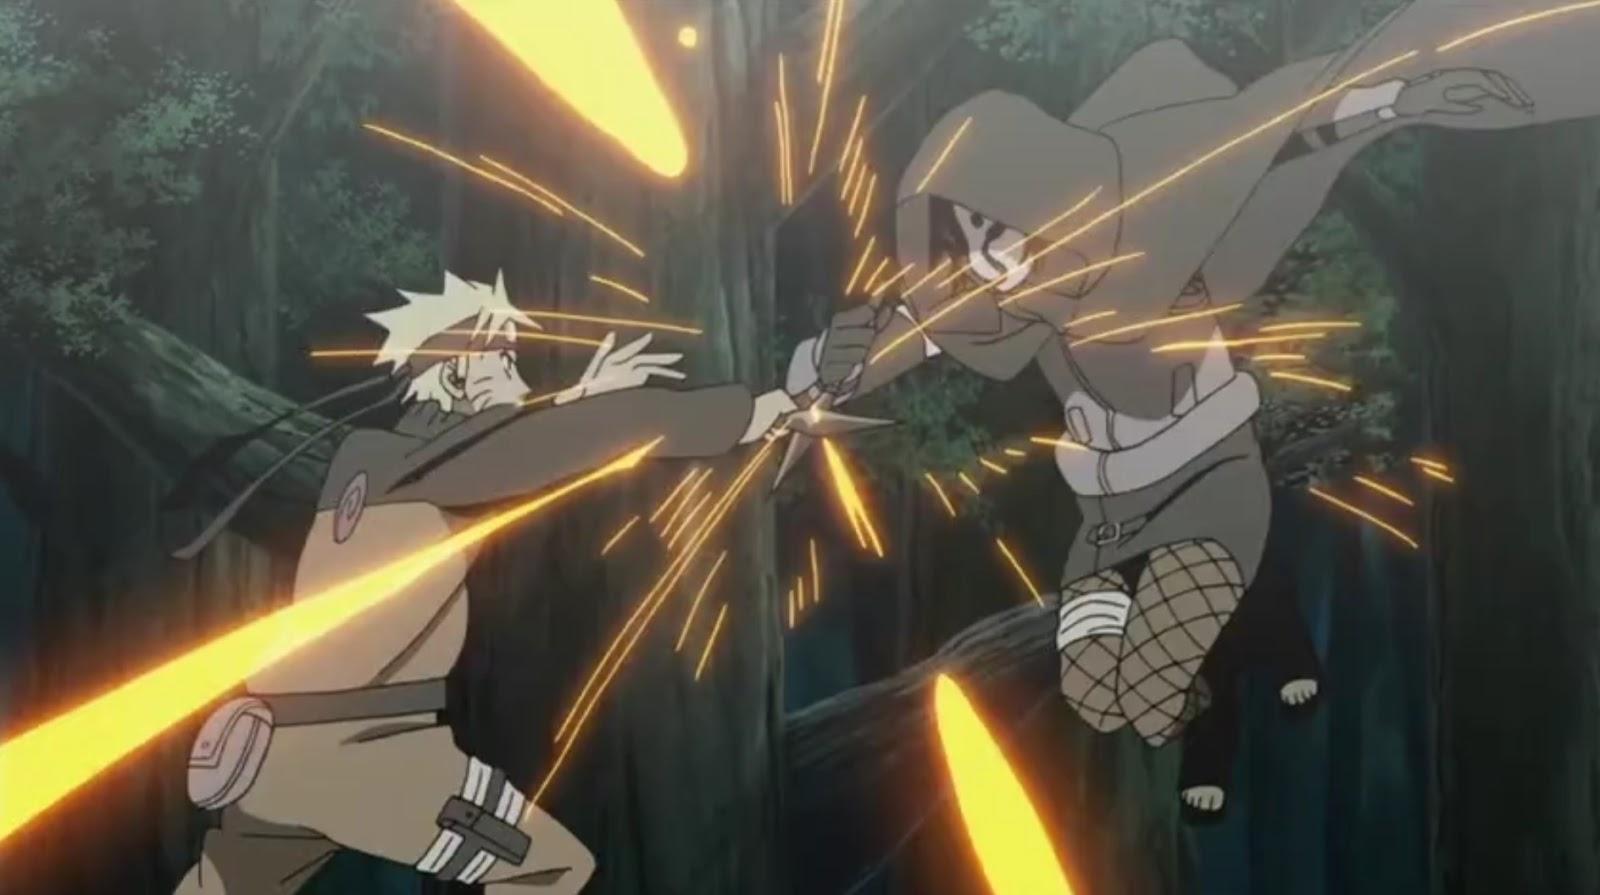 Naruto Shippuden Episódio 444, Assistir Naruto Shippuden Episódio 444, Assistir Naruto Shippuden Todos os Episódios Legendado, Naruto Shippuden episódio 444,HD